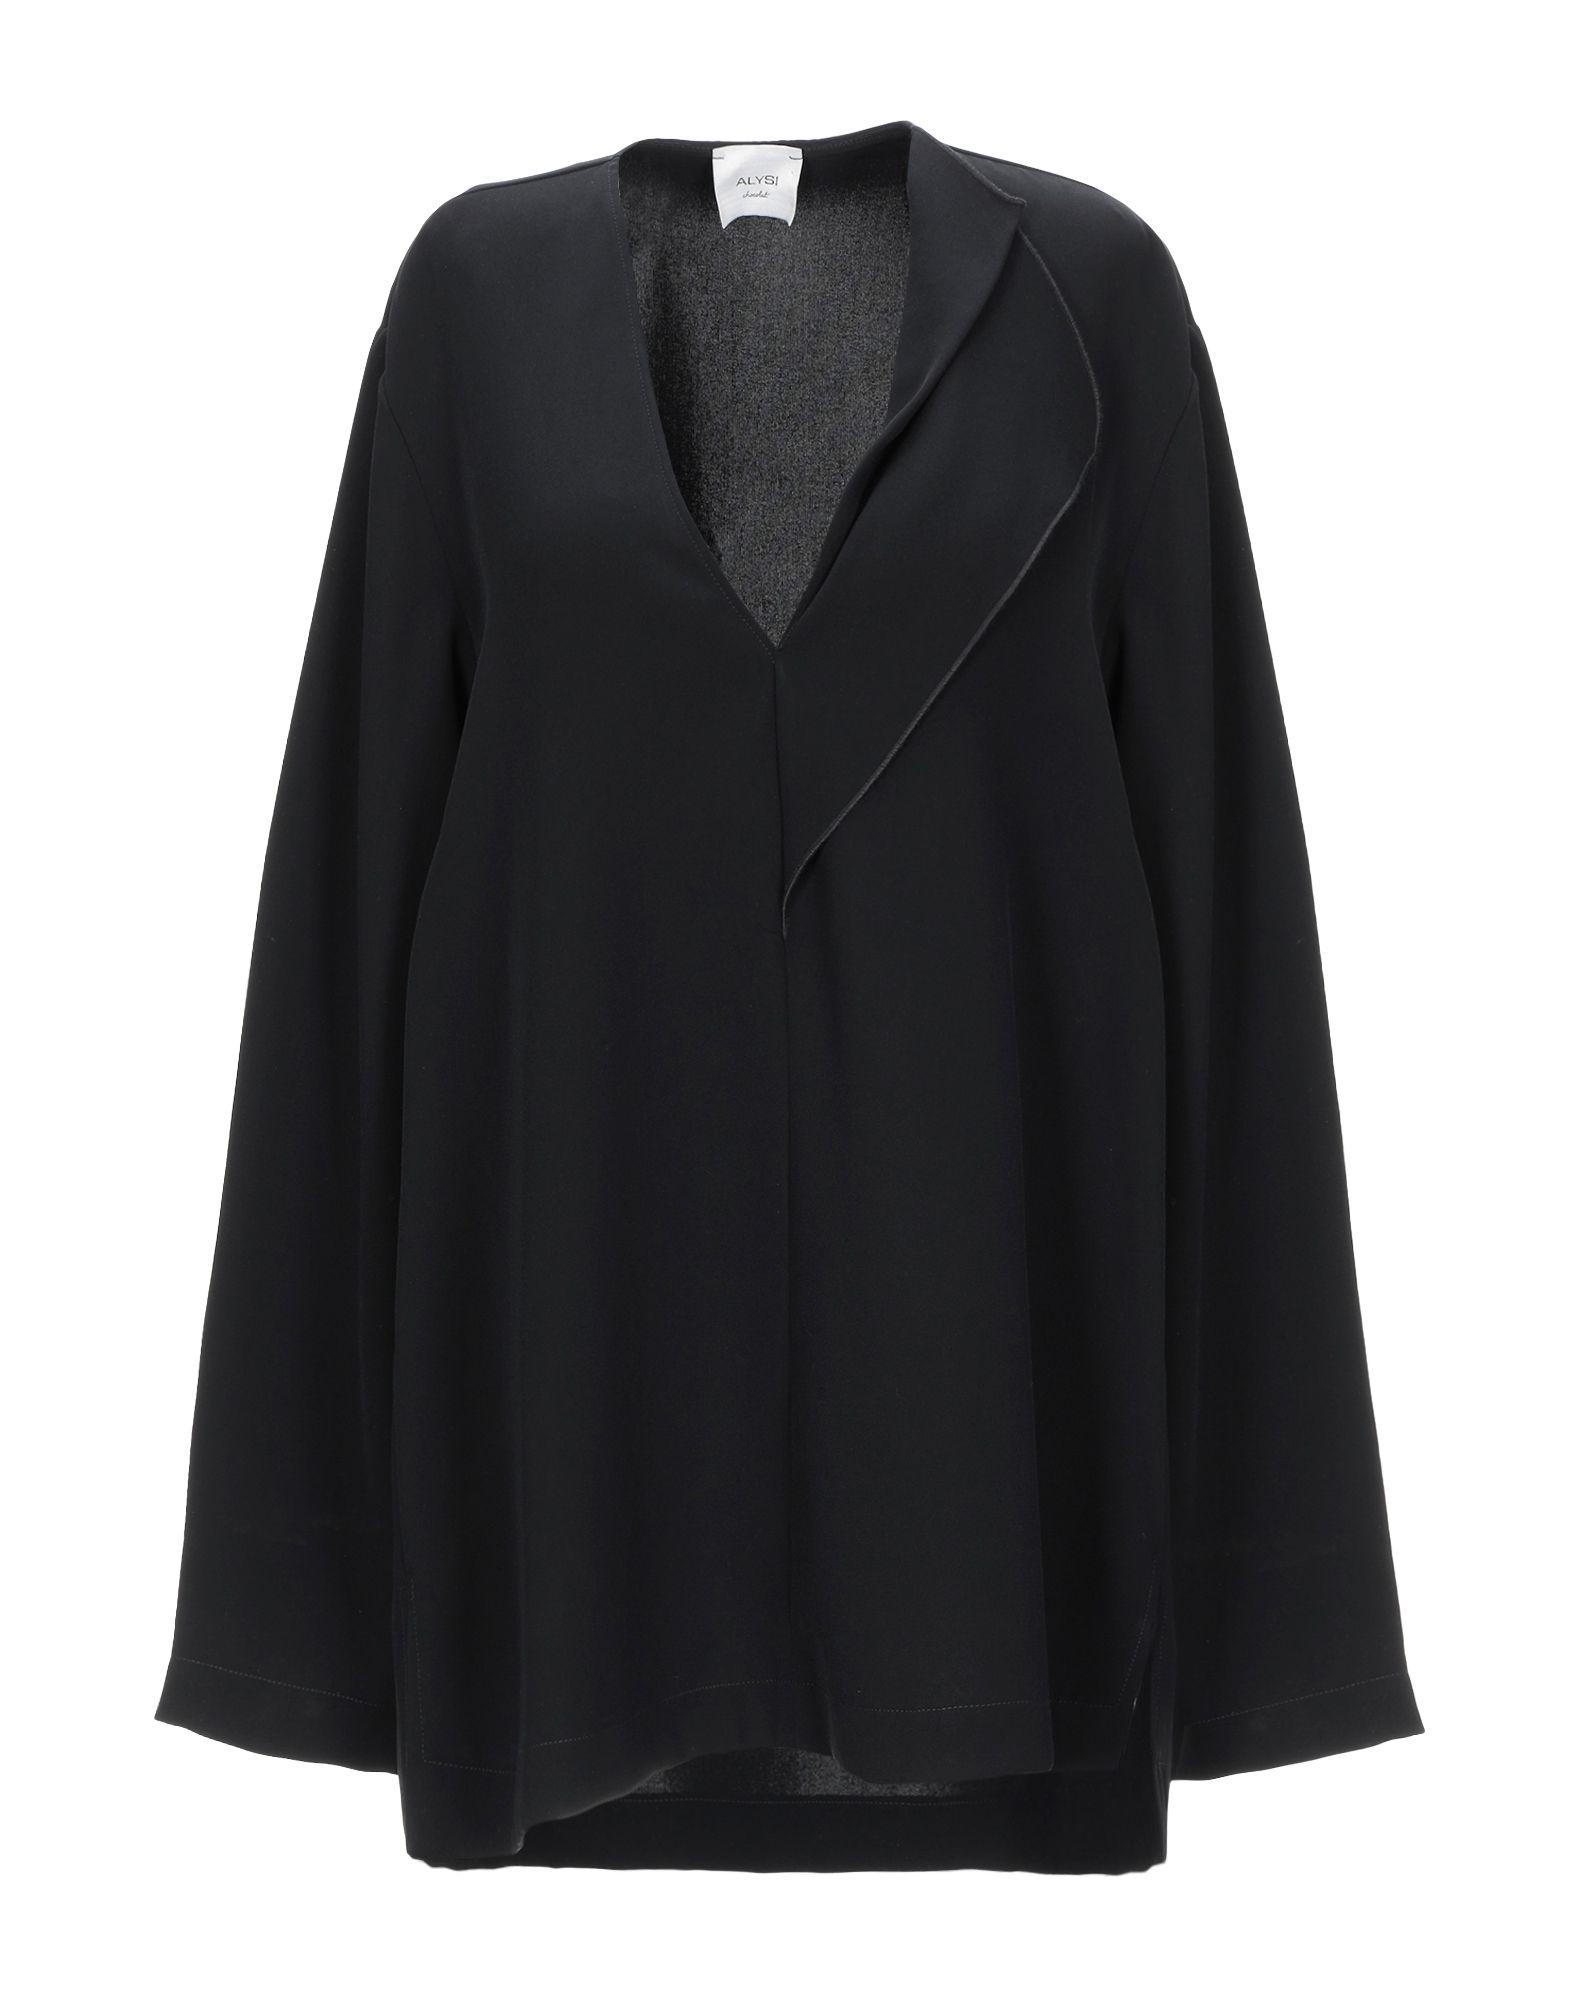 blusa Alysi Alysi Alysi donna - 38852359HK 4a8